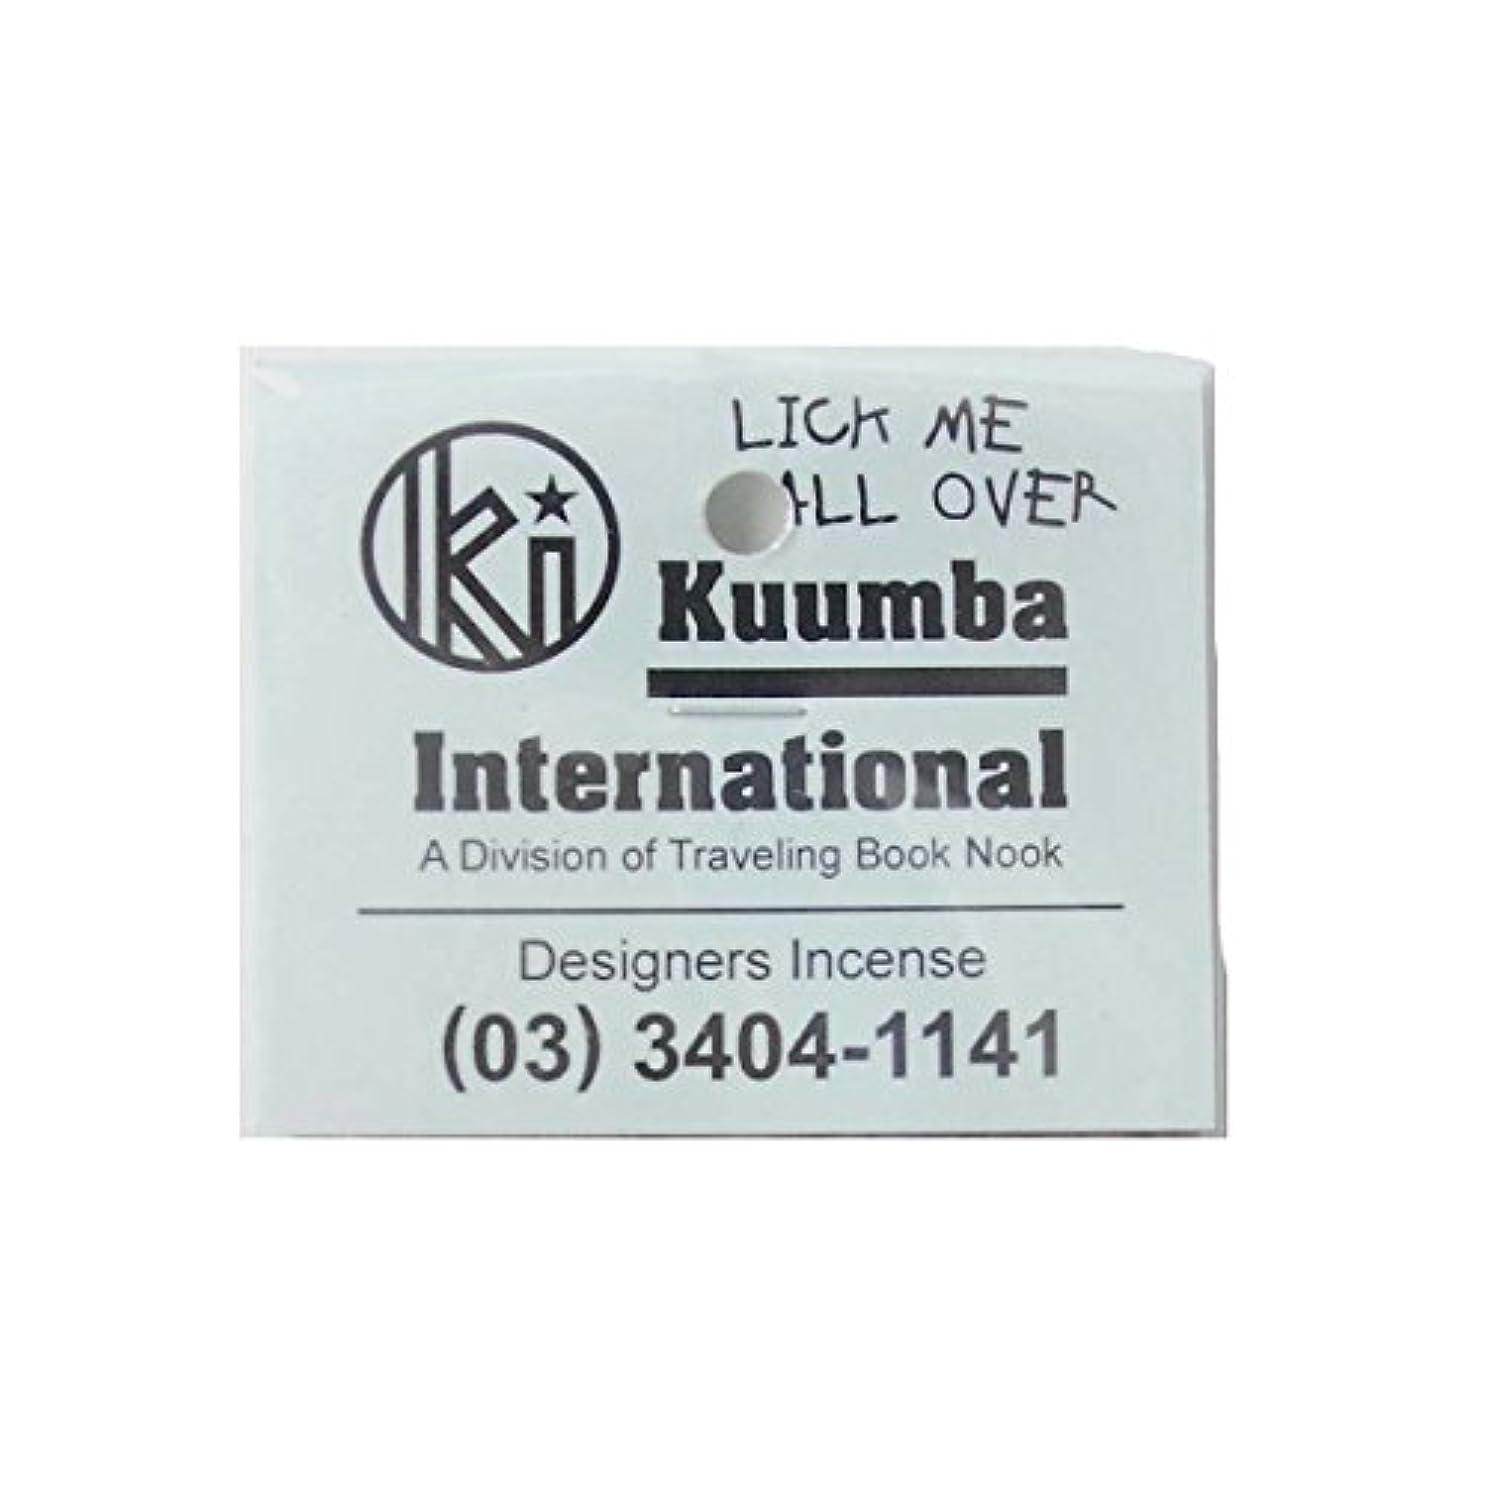 素晴らしさ軍団デンマーク語KUUMBA INTERNATIONAL クンバ インターナショナル incense RegularStick お香